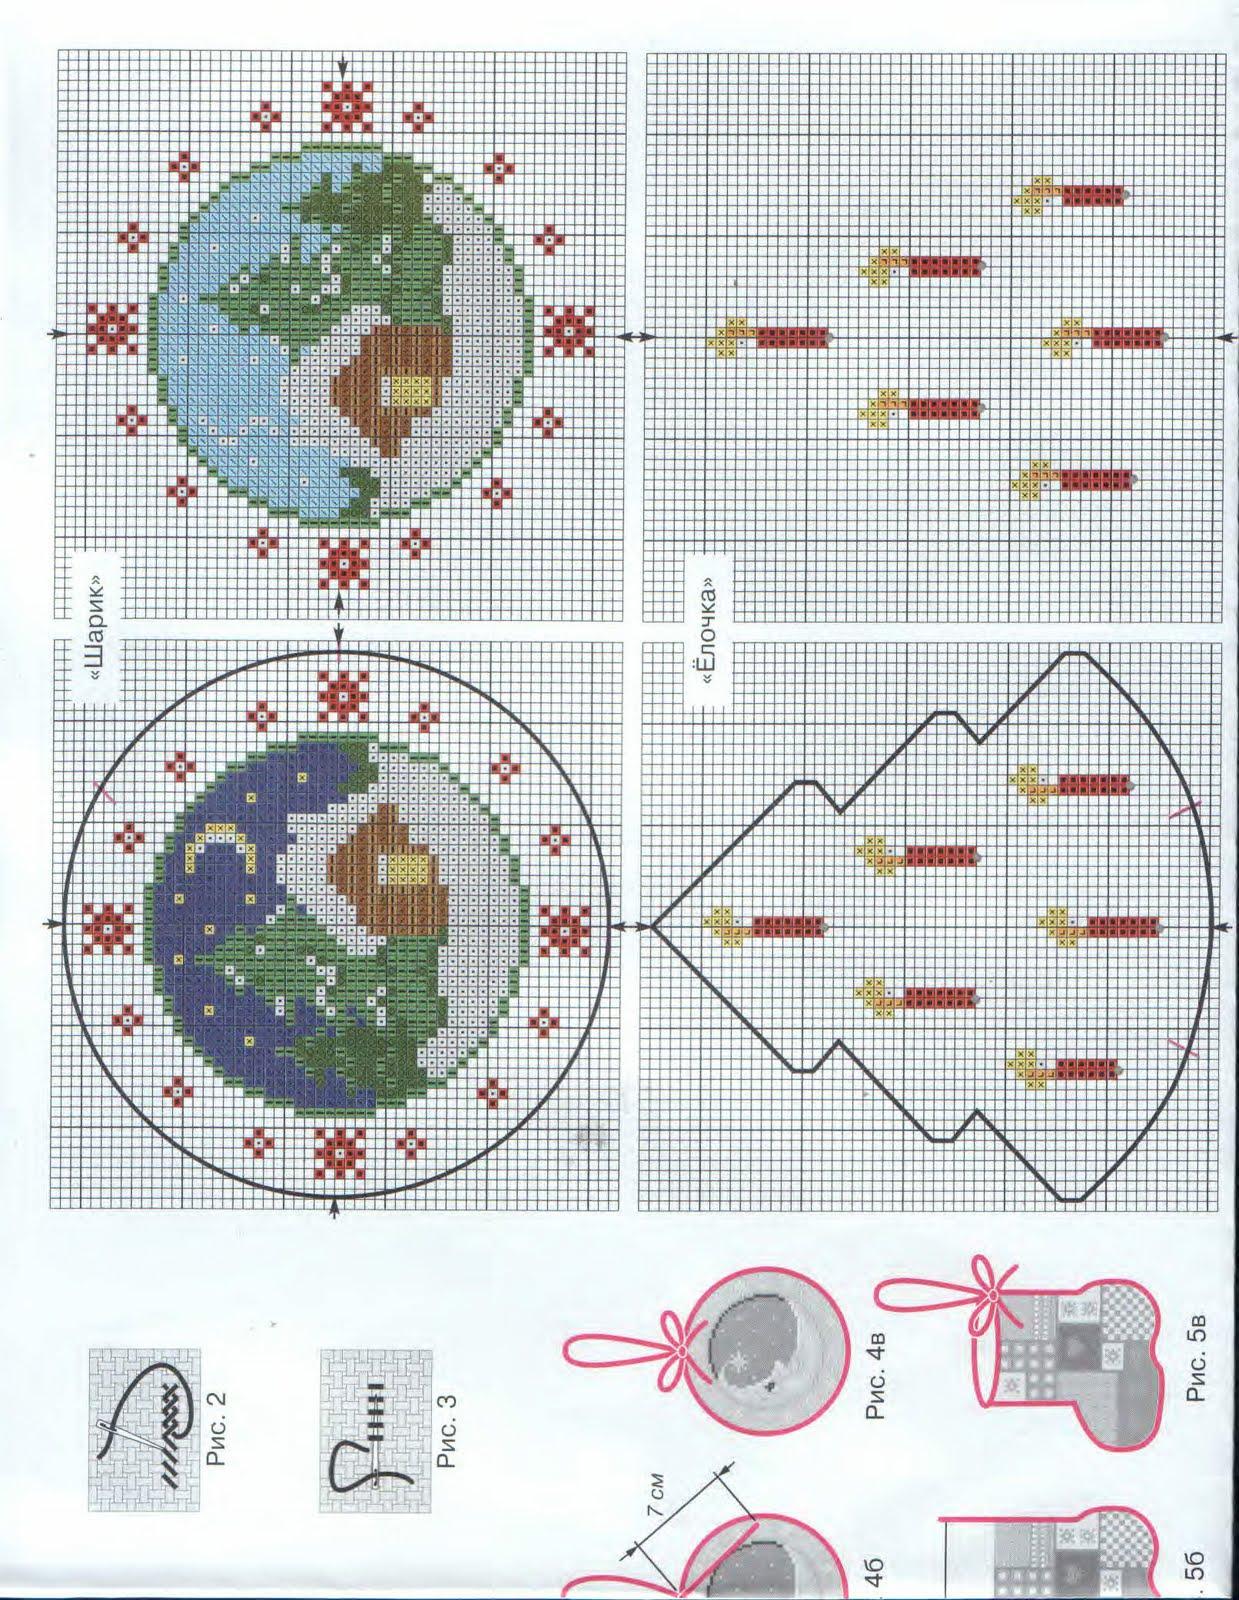 вышивка бисером схема ёлочной игрушки